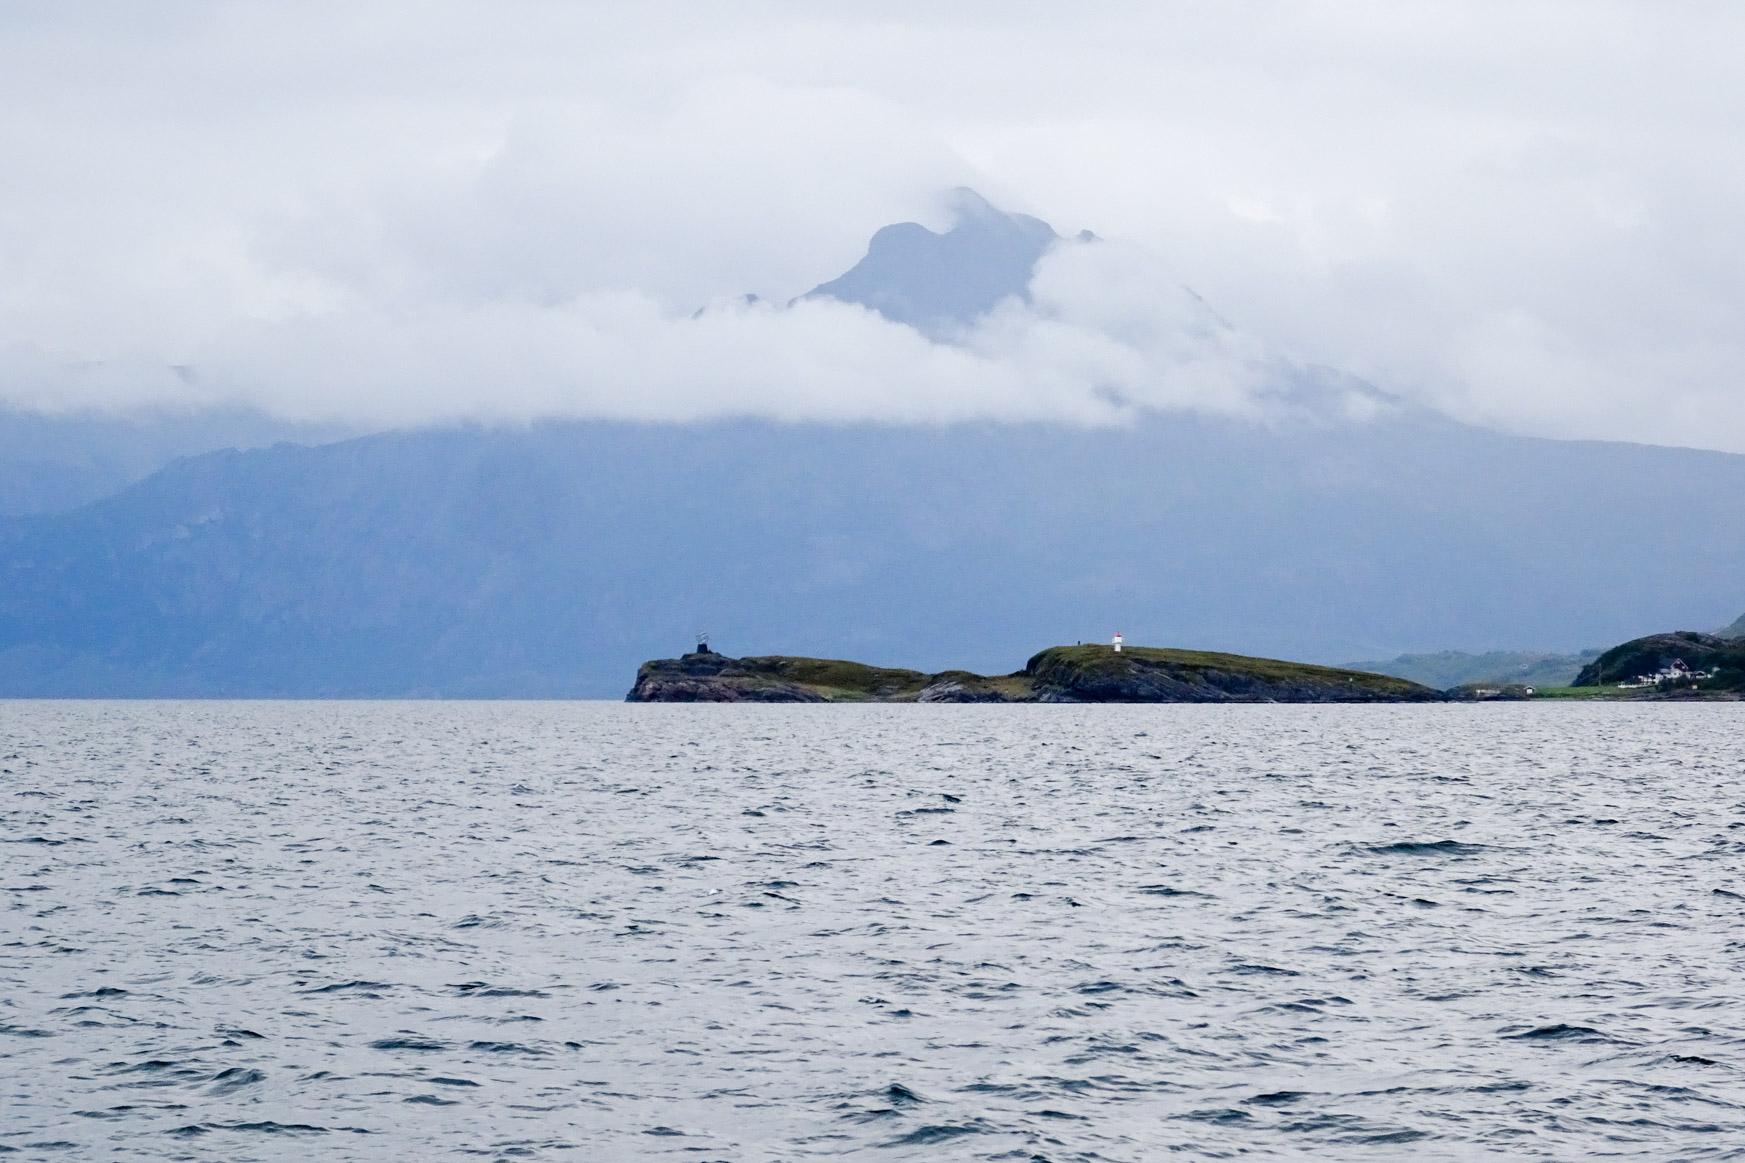 Polarkreissymbol und Leuchtturm auf der Insel Viking